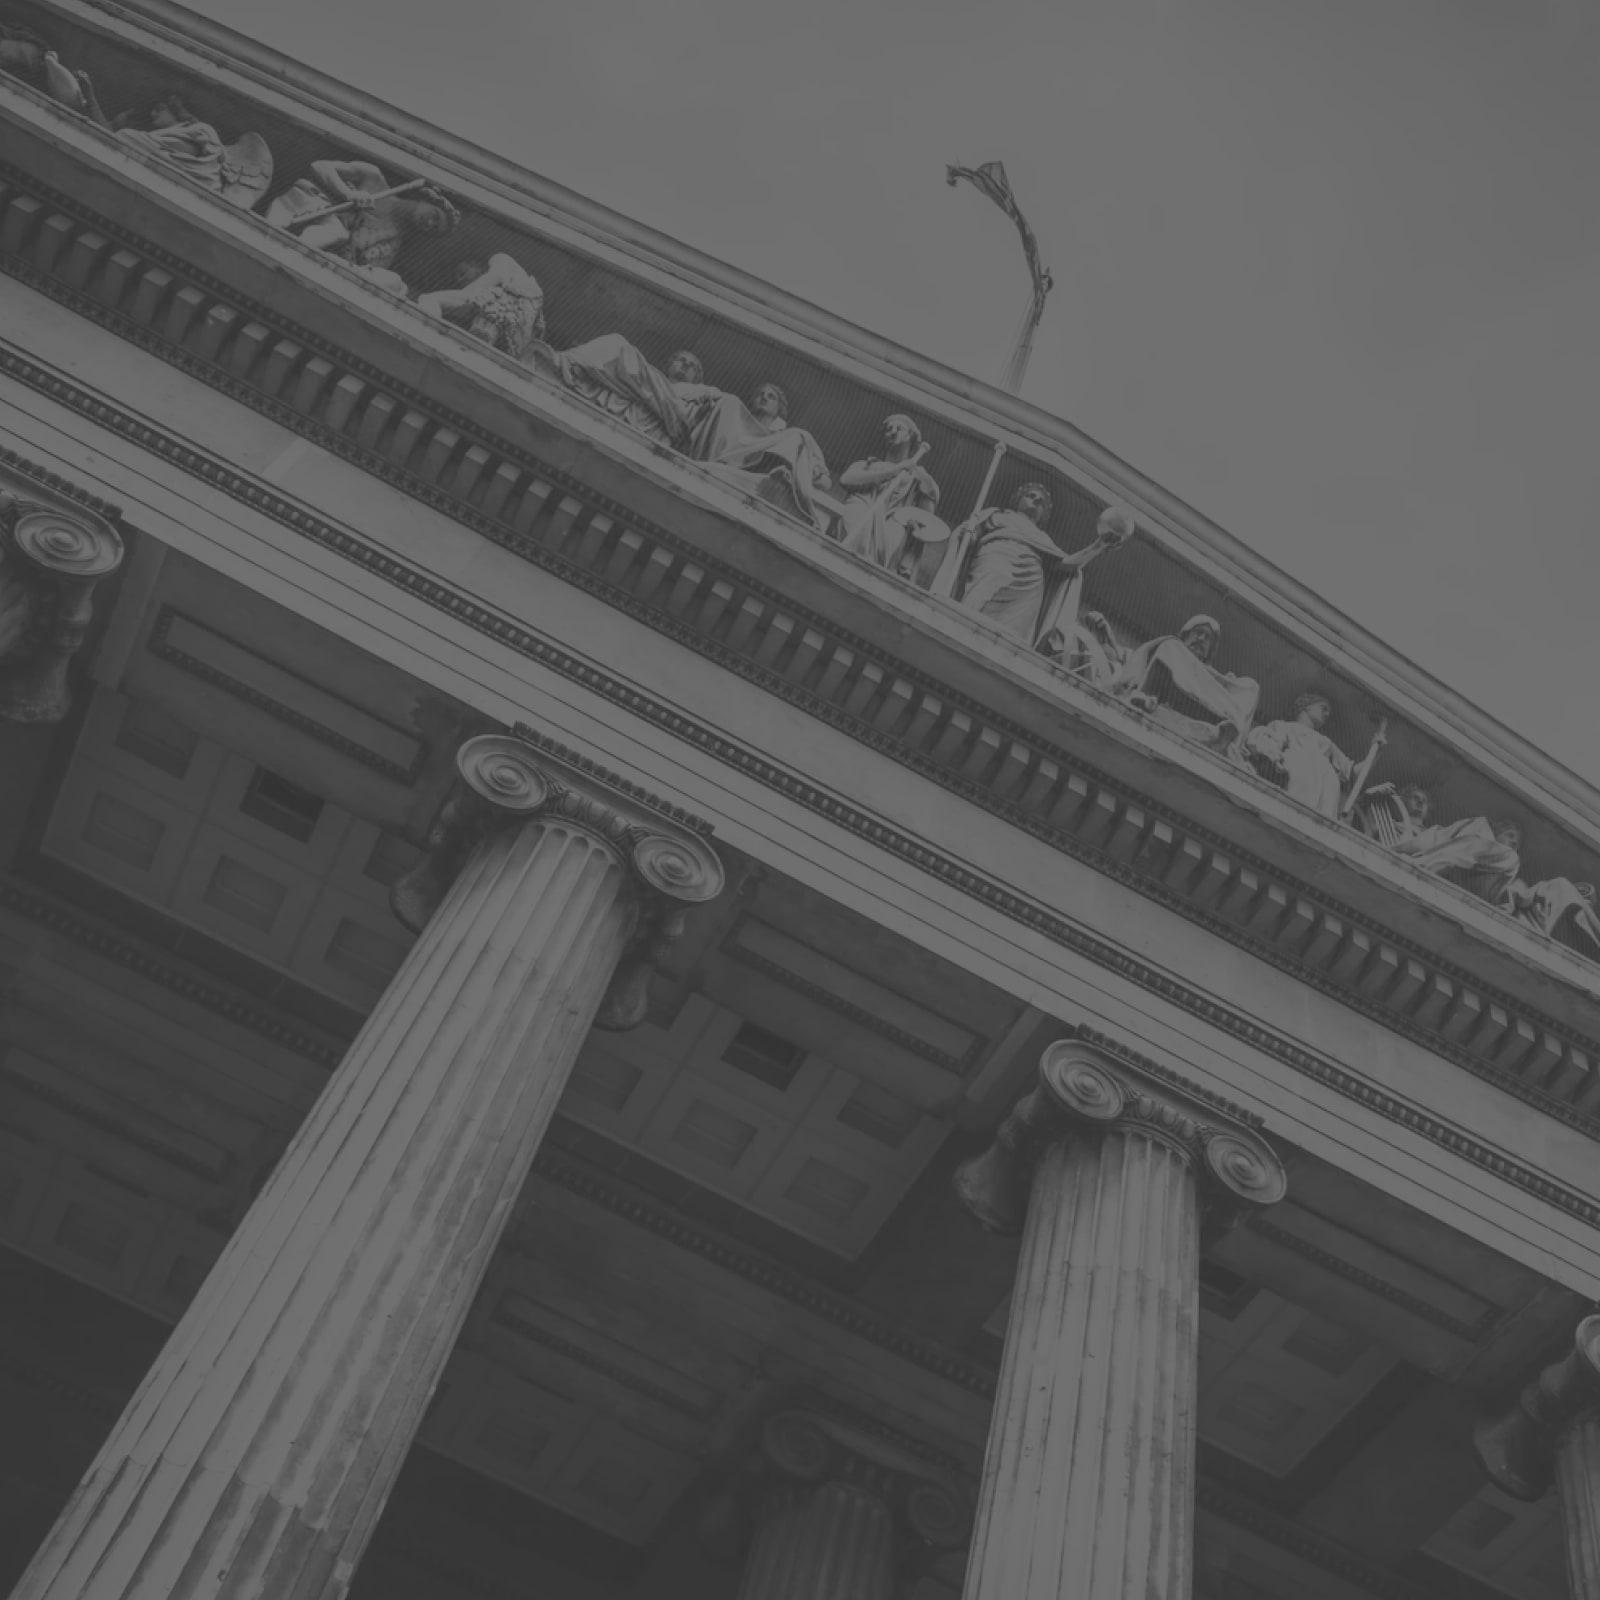 Nejpříznivějšího výsledku trestního řízení lze dosáhnout pouze při zaujetí patřičné strategie obhajoby či vhodném sestavení obsahu trestního podání již v samém počátku. Minimalizovat riziko trestního postihu obchodní společnosti a osob podílejících se na její činnosti je možné zavedením systému preventivních opatření.